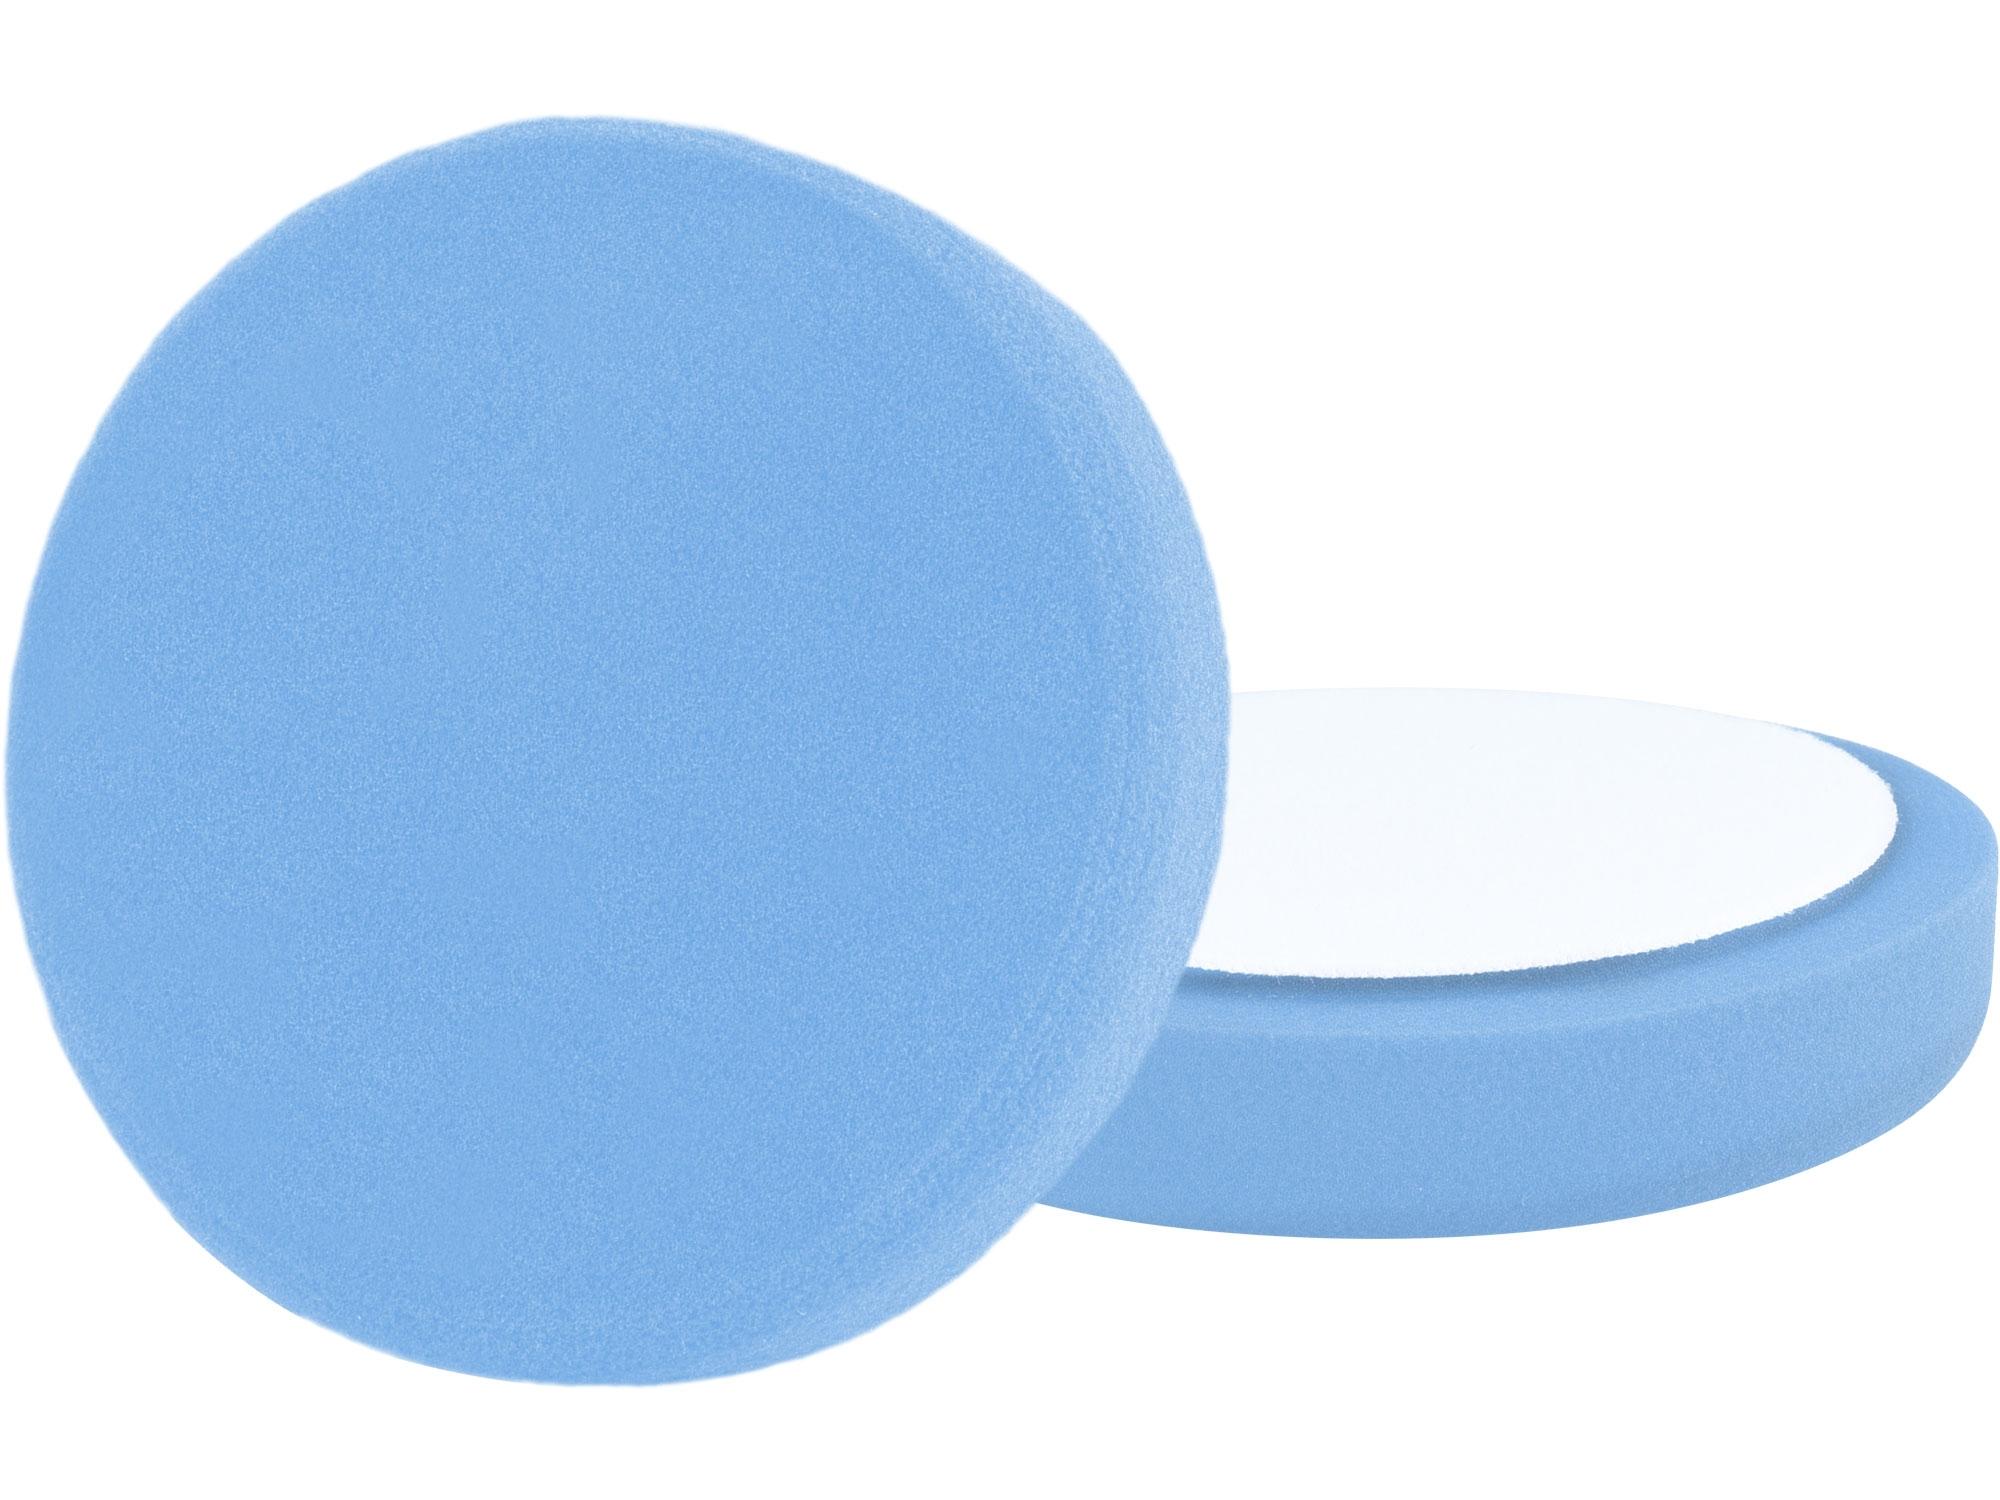 kotouč leštící pěnový, T60, modrý, O150x30mm, suchý zip O125mm